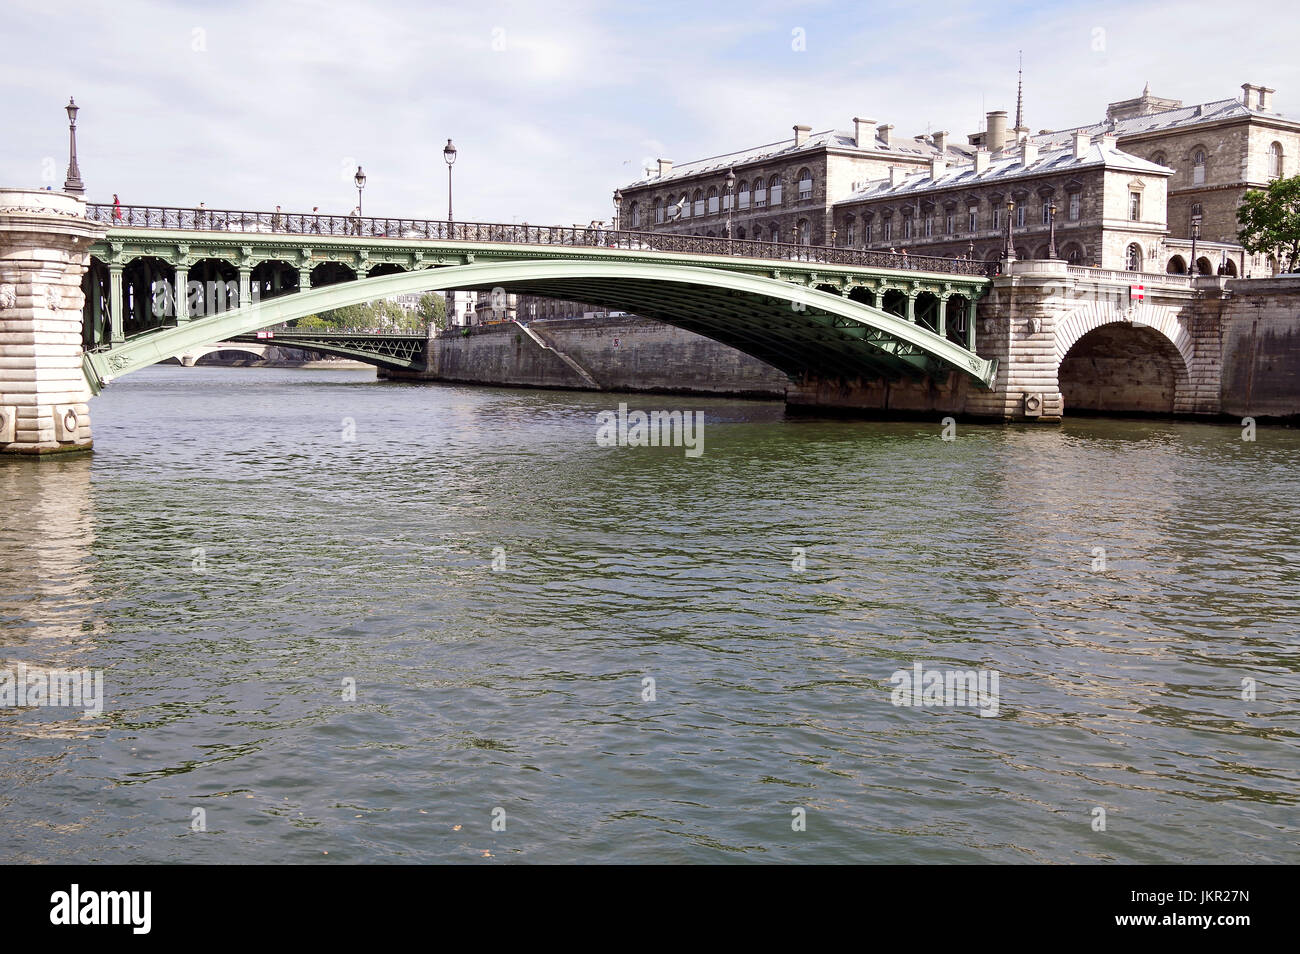 Paris, France, Pont Notre Dame, over the river Seine, linking the Right Bank at Quai de Gesvres to Ile de la Cité, - Stock Image